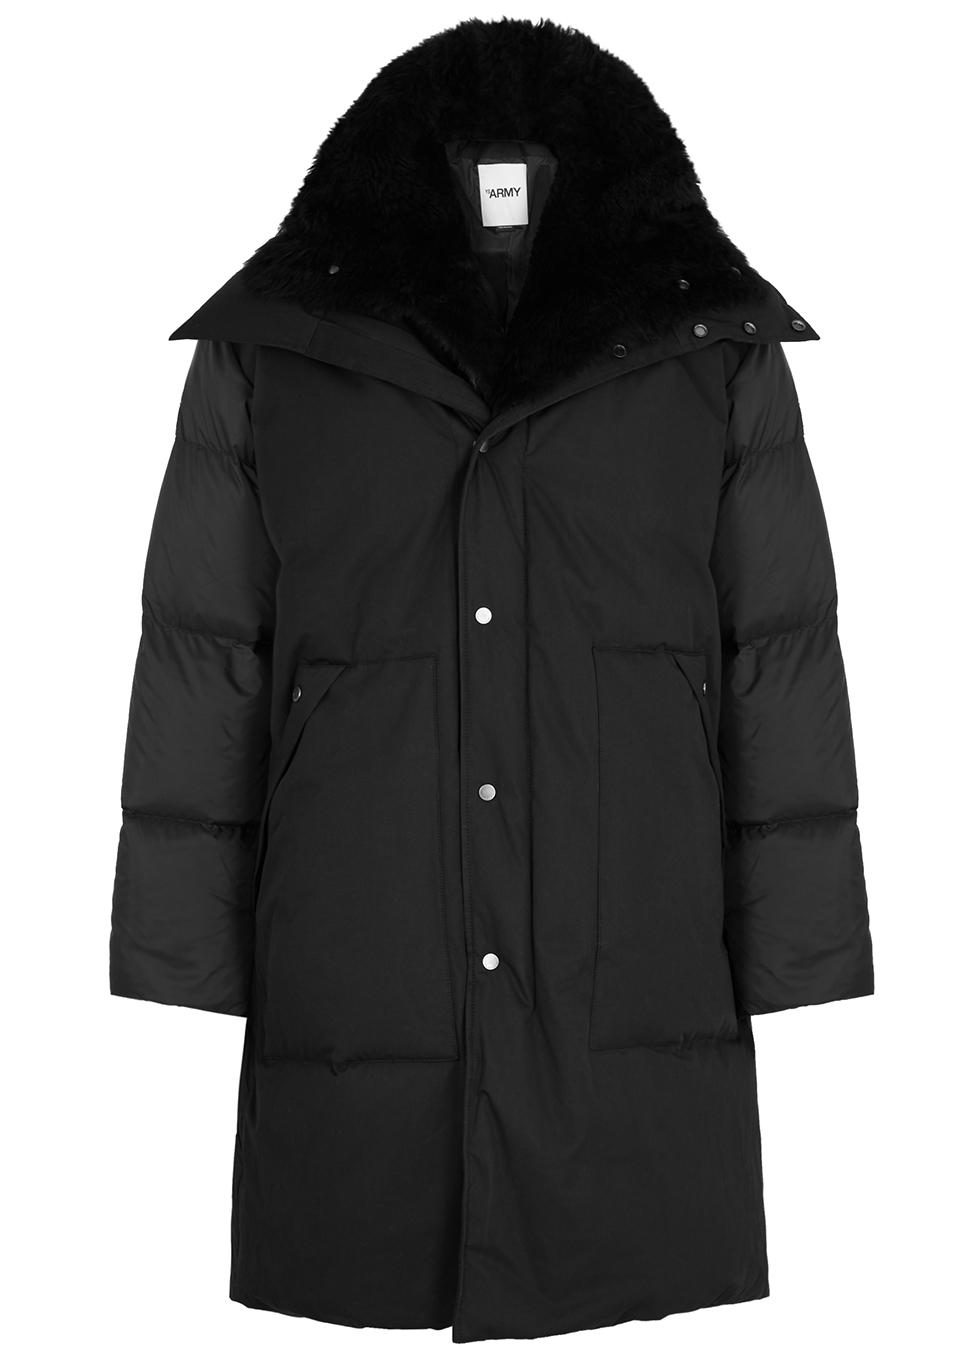 Black shearling-trimmed cotton-blend coat